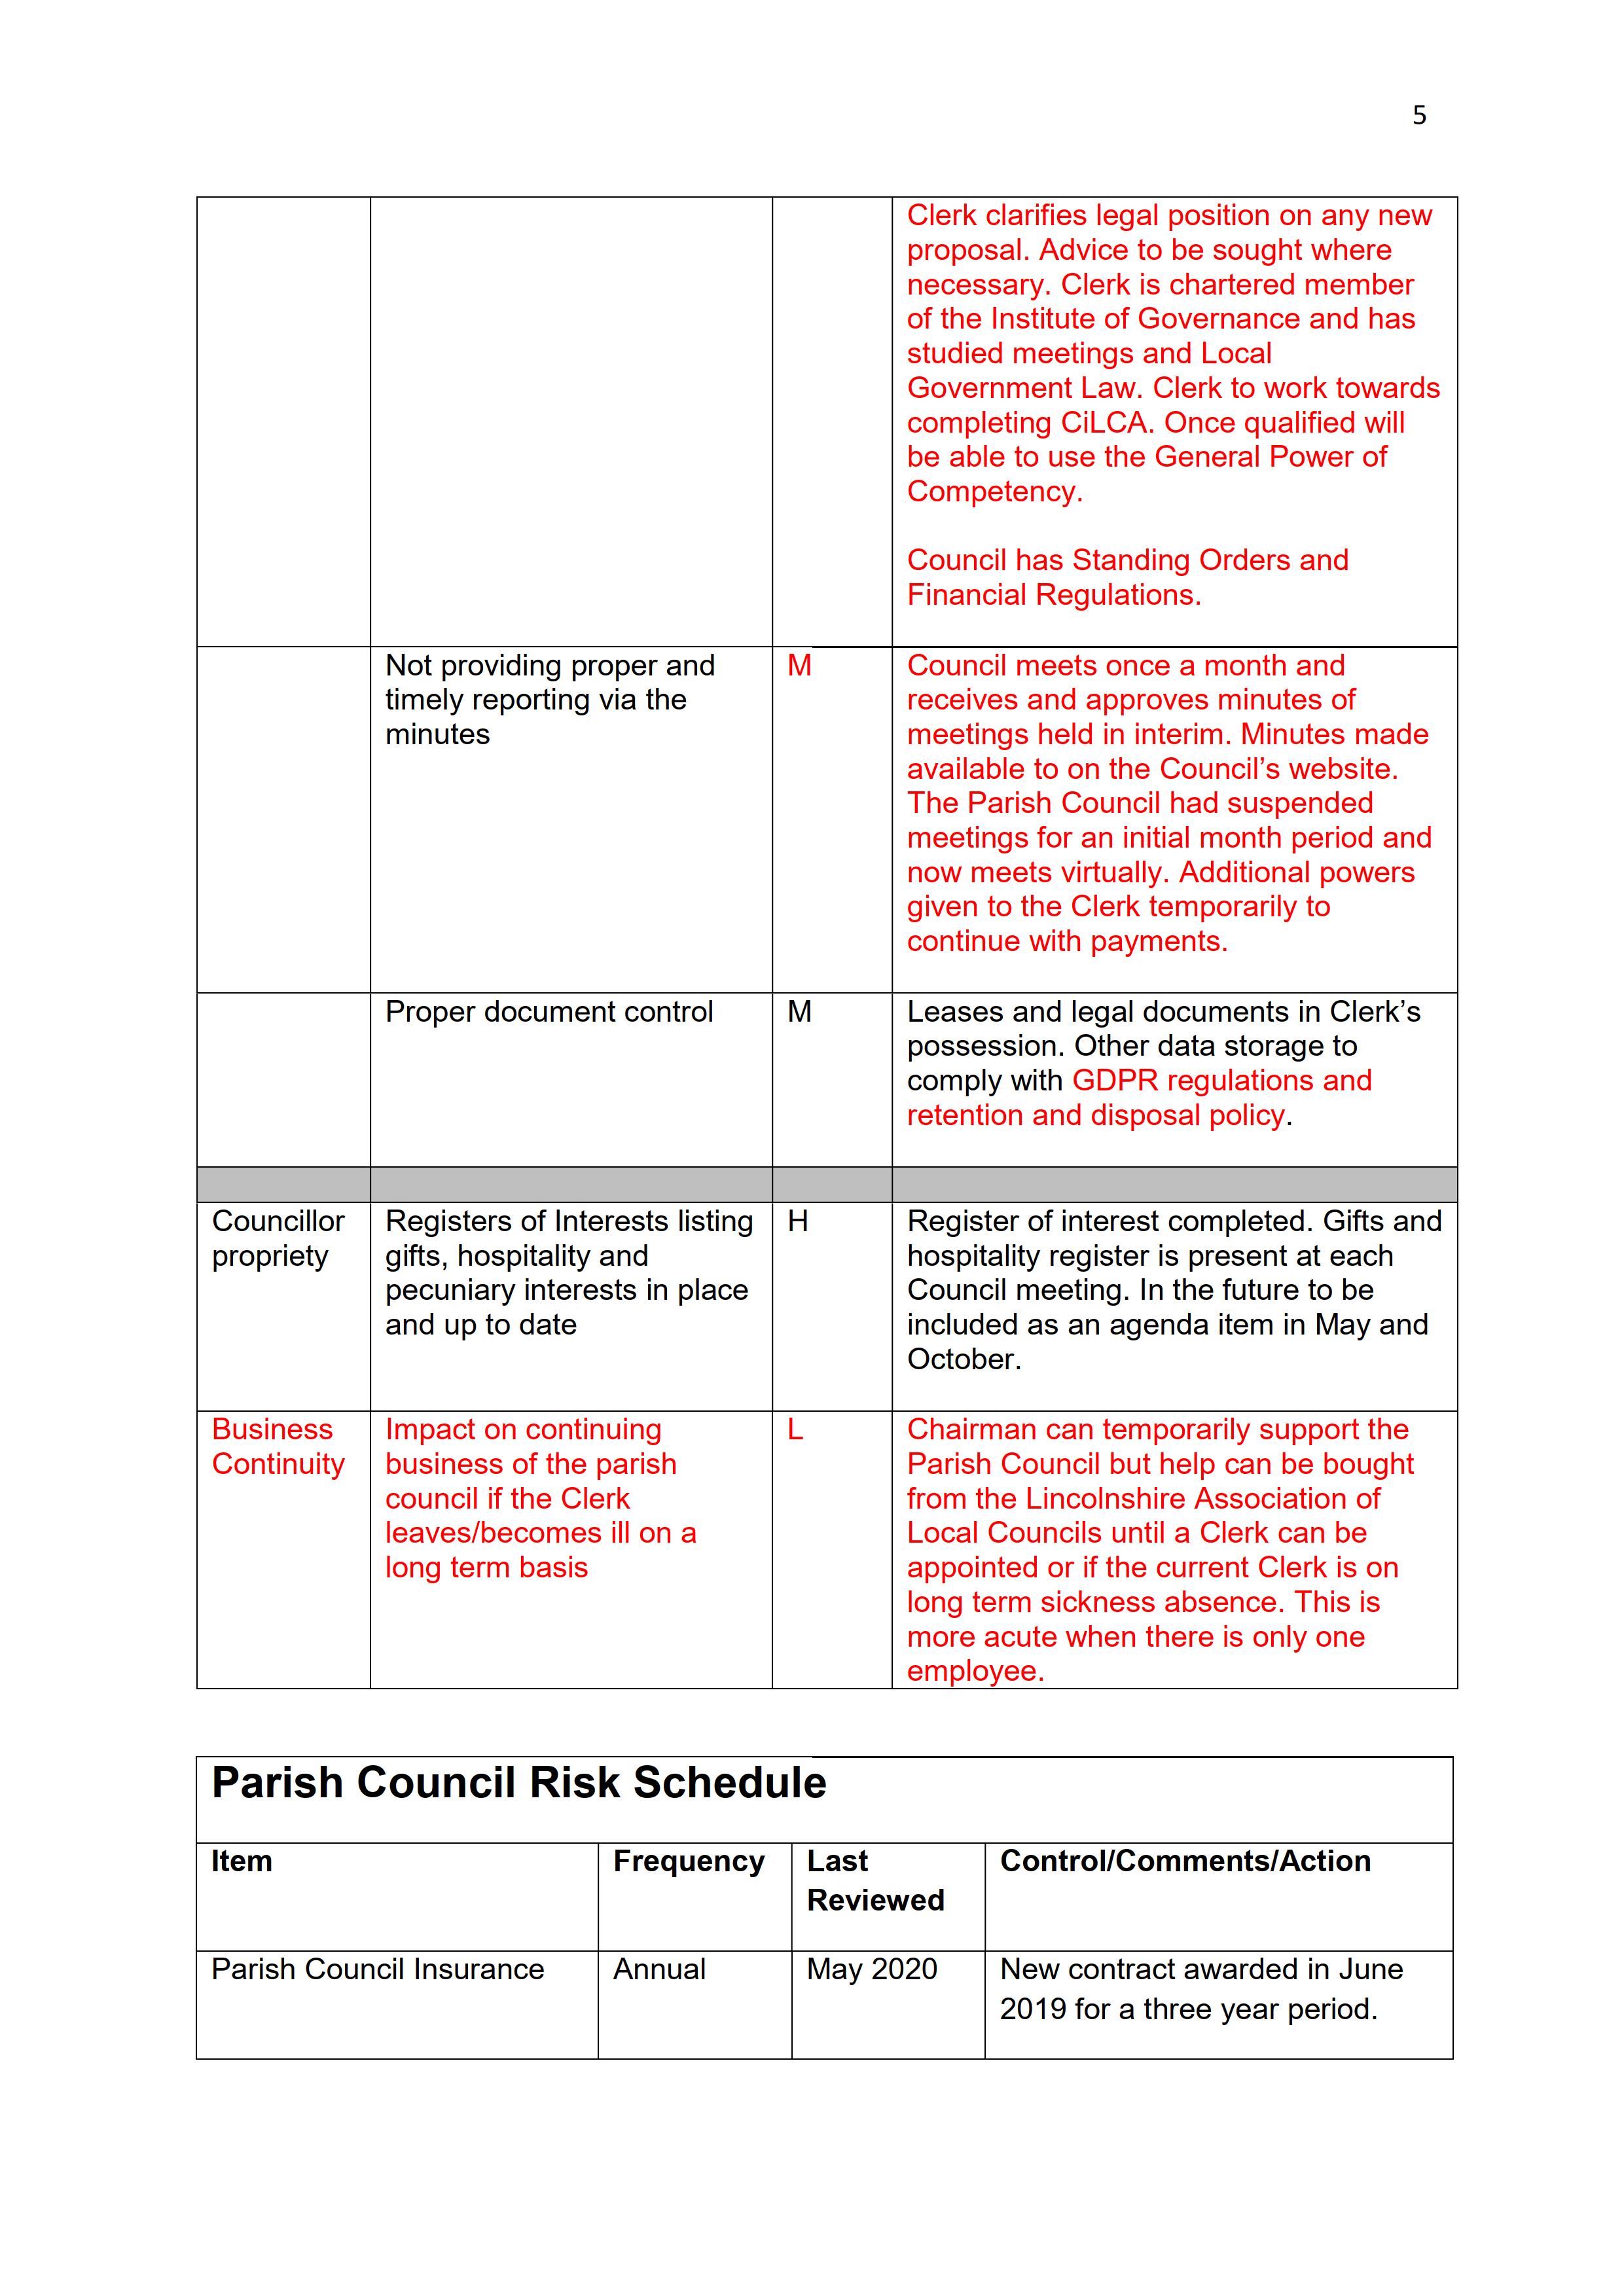 Item_17_2021HCPC.Risk_Management_5.png